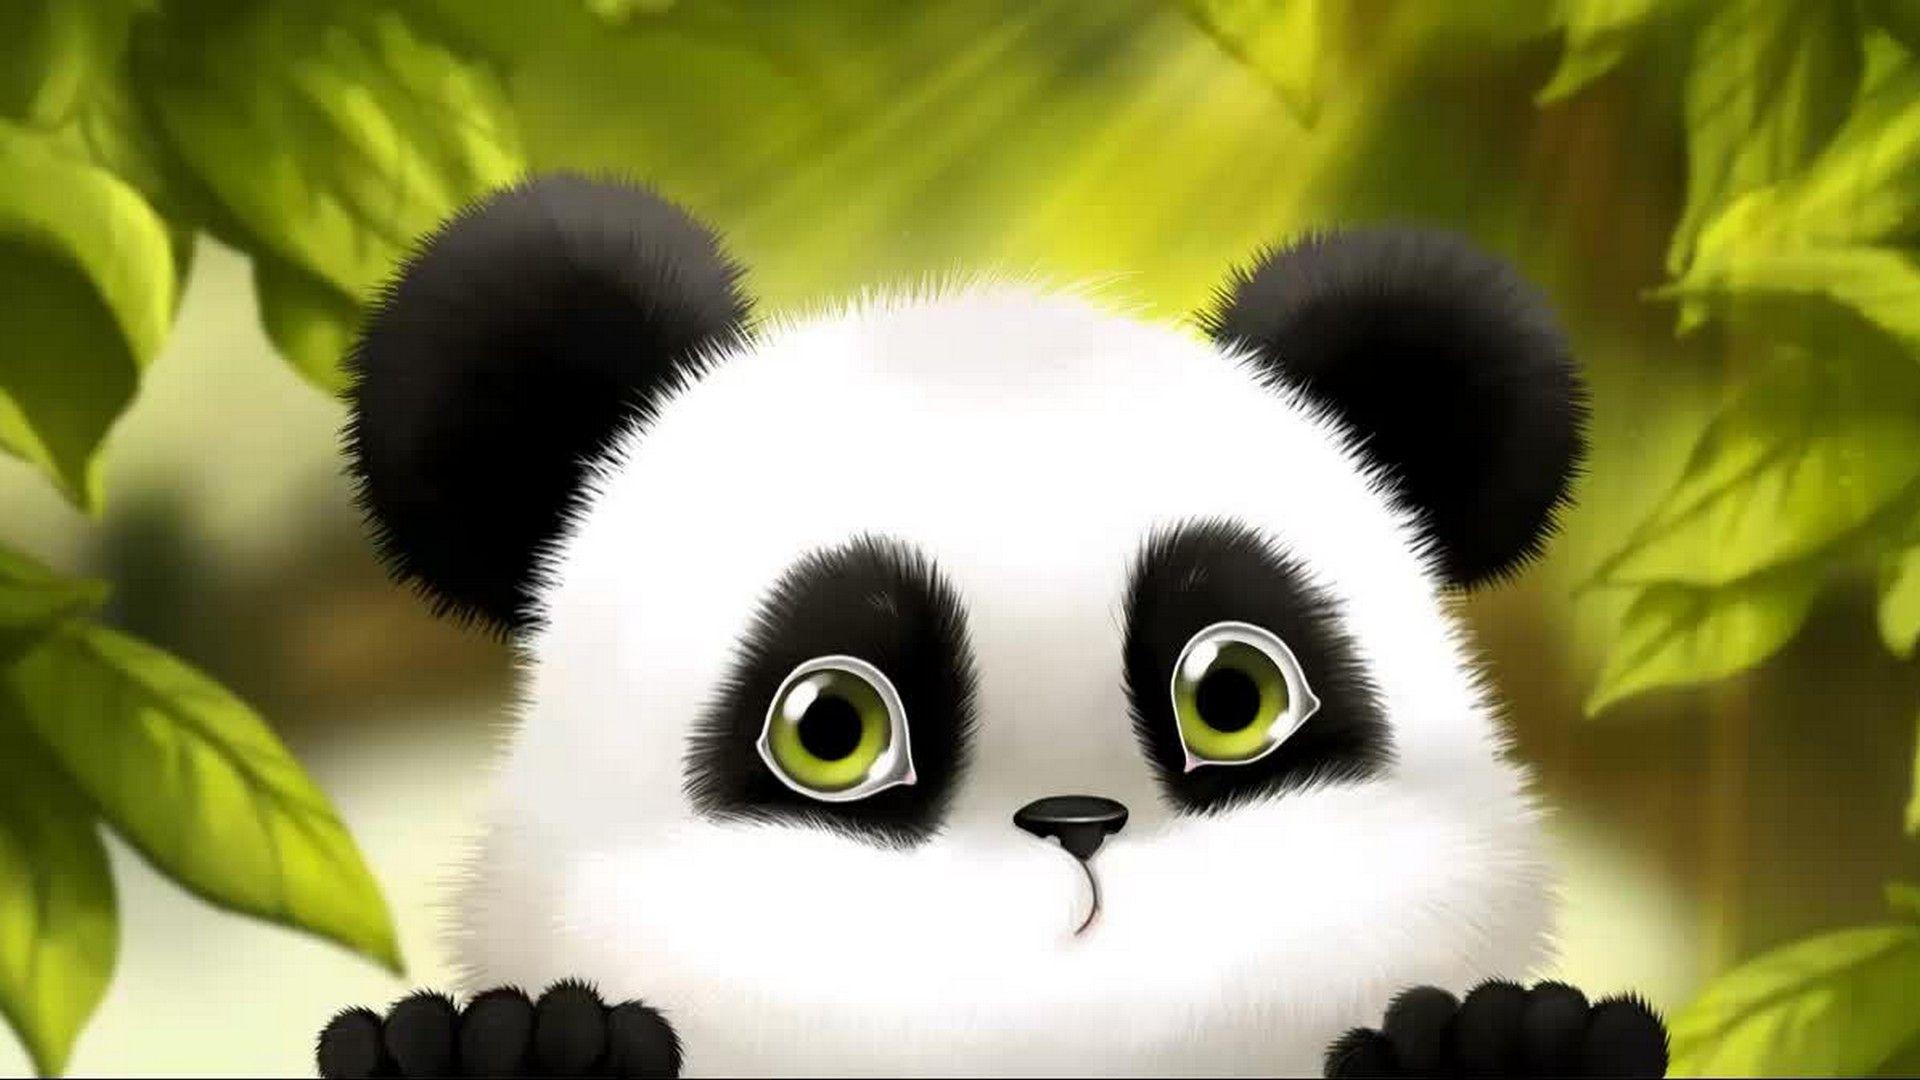 Cute Baby Panda Cartoon Wallpaper Panda background